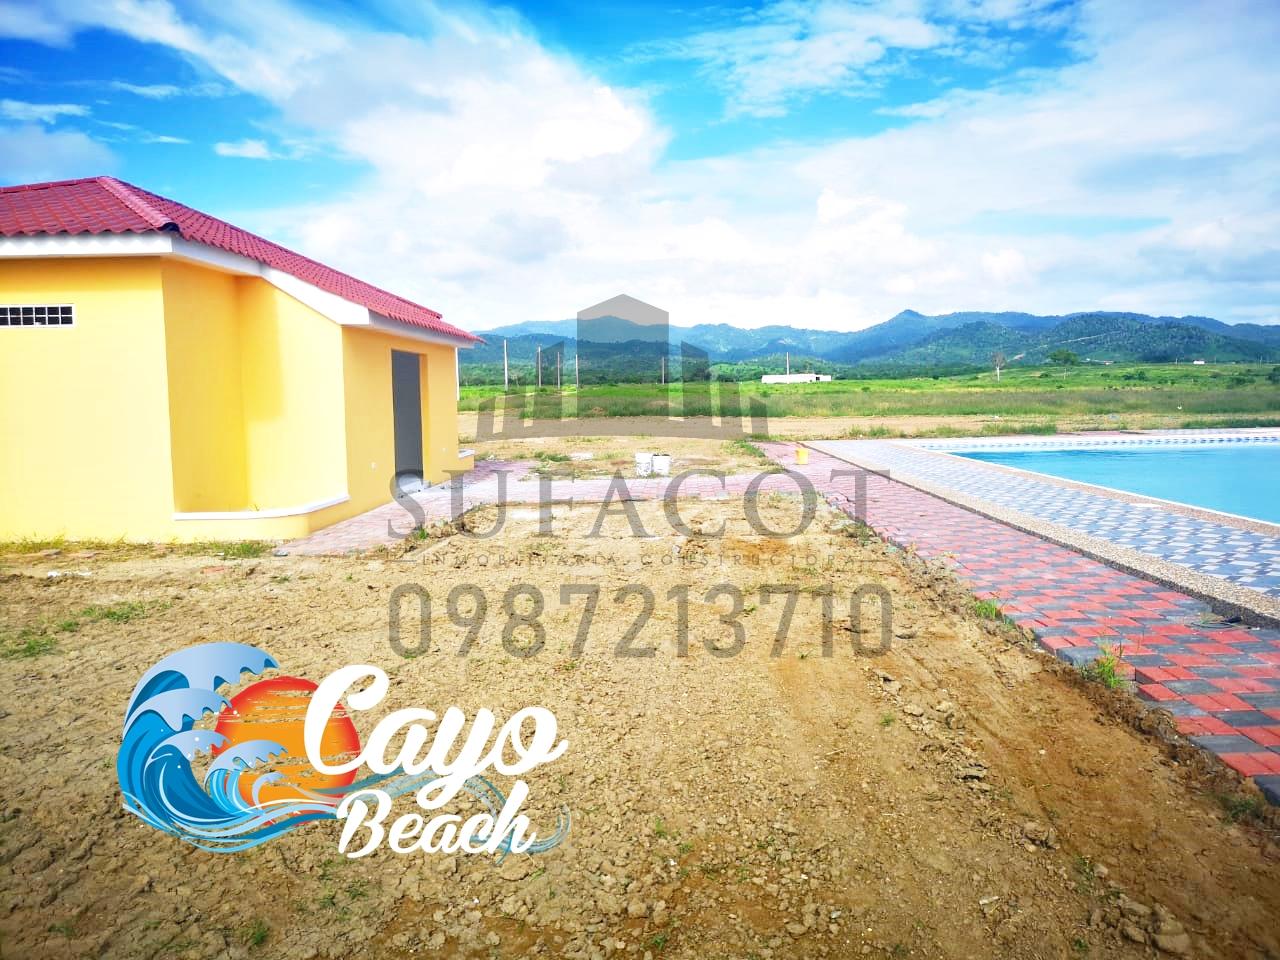 venta-de-terrenos-lotizacion-cayo-beach-en-la-playa-de-puerto-cayo-jijpija-manabi-9